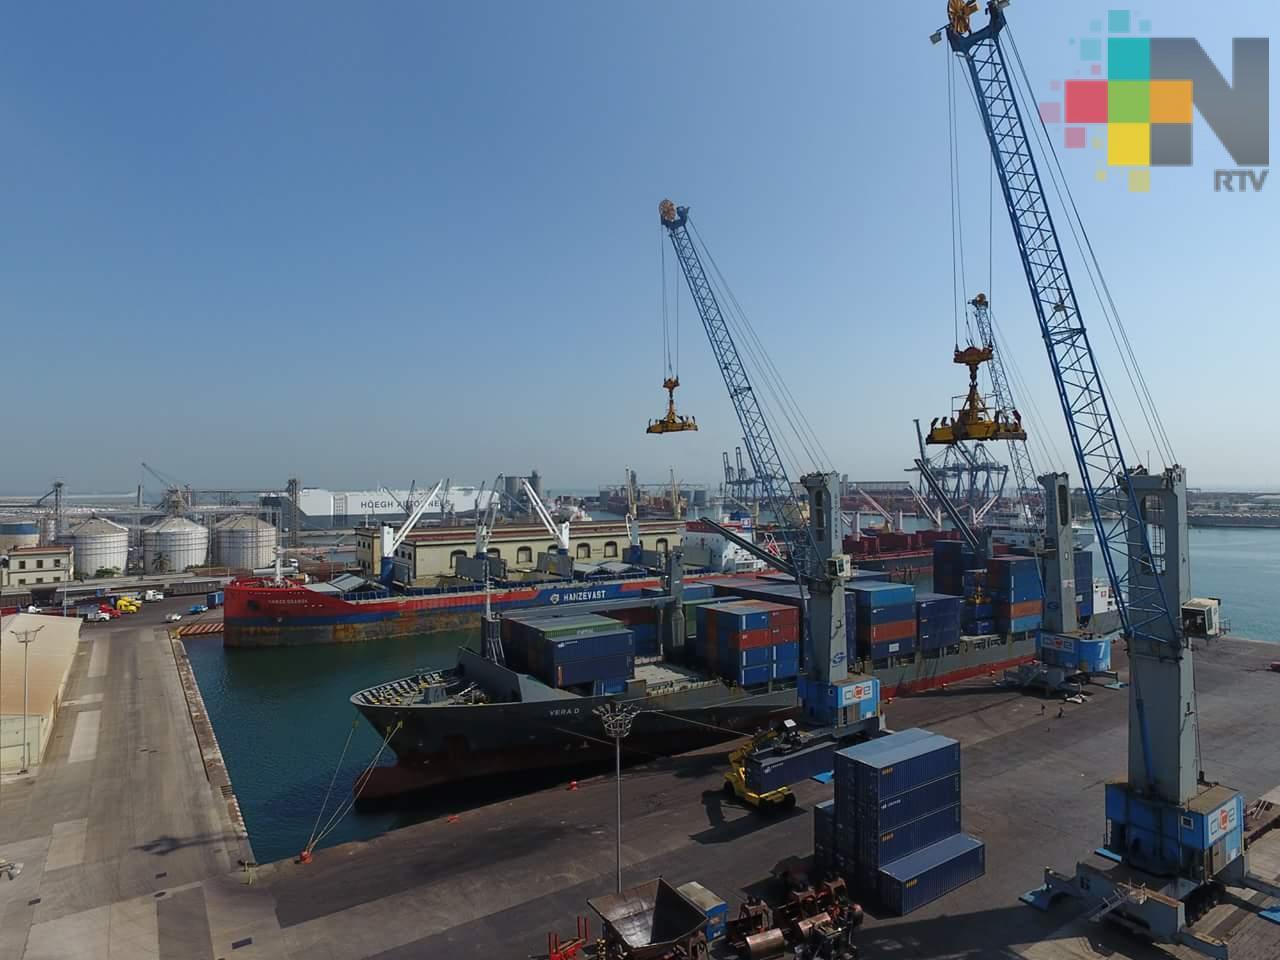 Veracruz, listo para optimizar los servicios de alto cabotaje: Apiver